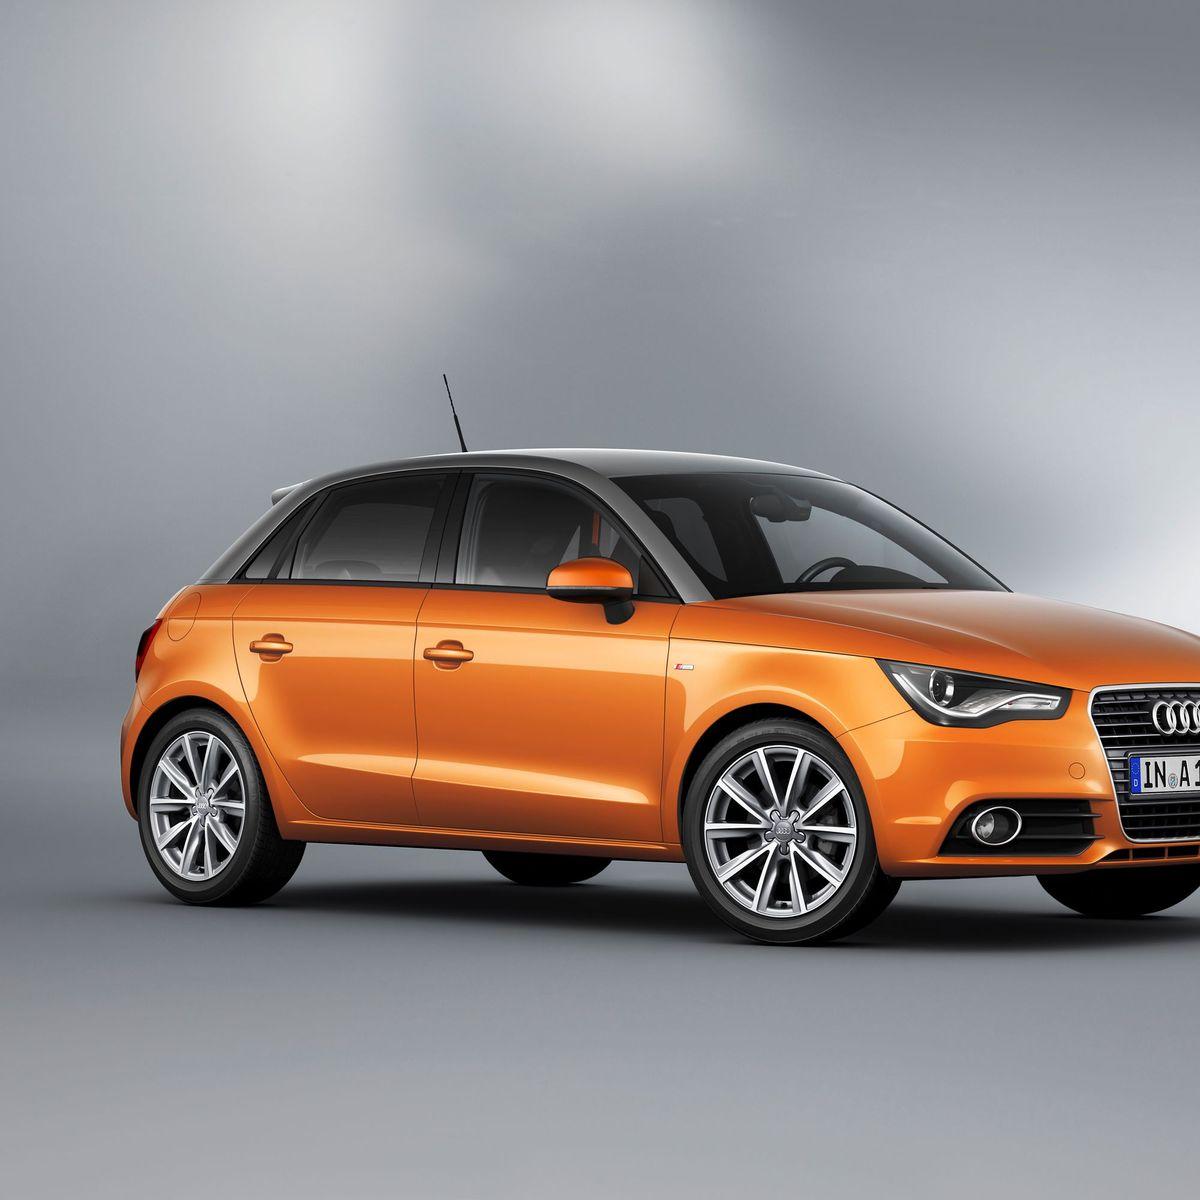 Audi A1 Sportback Zwei Turen Mehr Der Spiegel